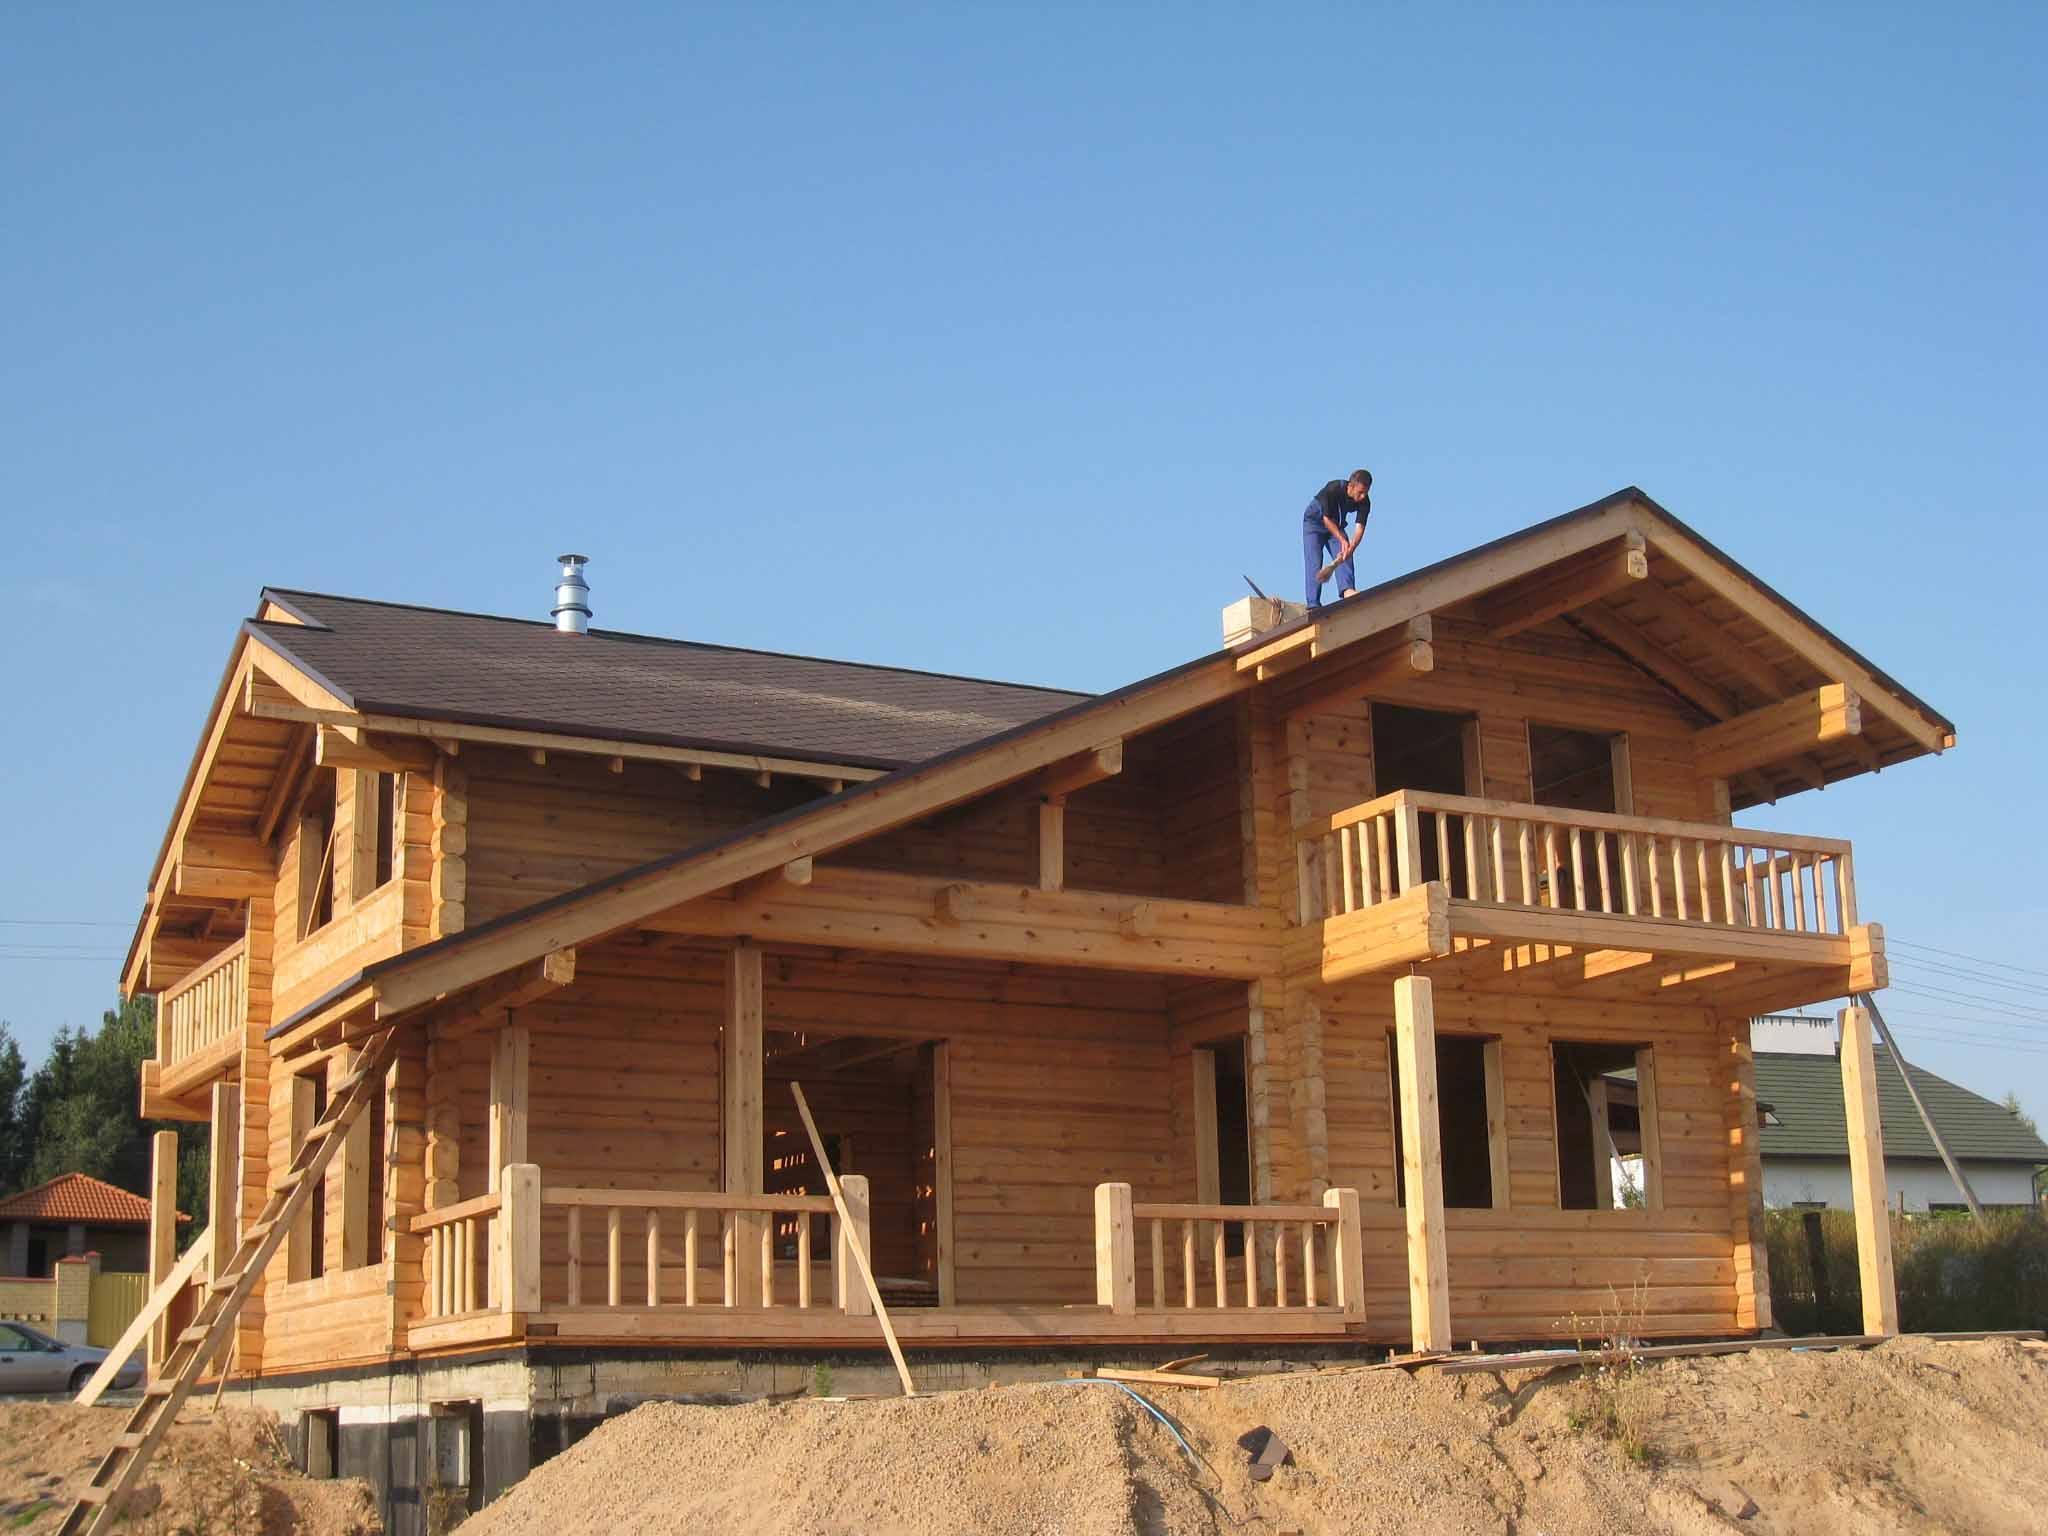 Dom drewniany z bali frezowanych sosna zwyczajna pinus - Construcciones casas prefabricadas ...